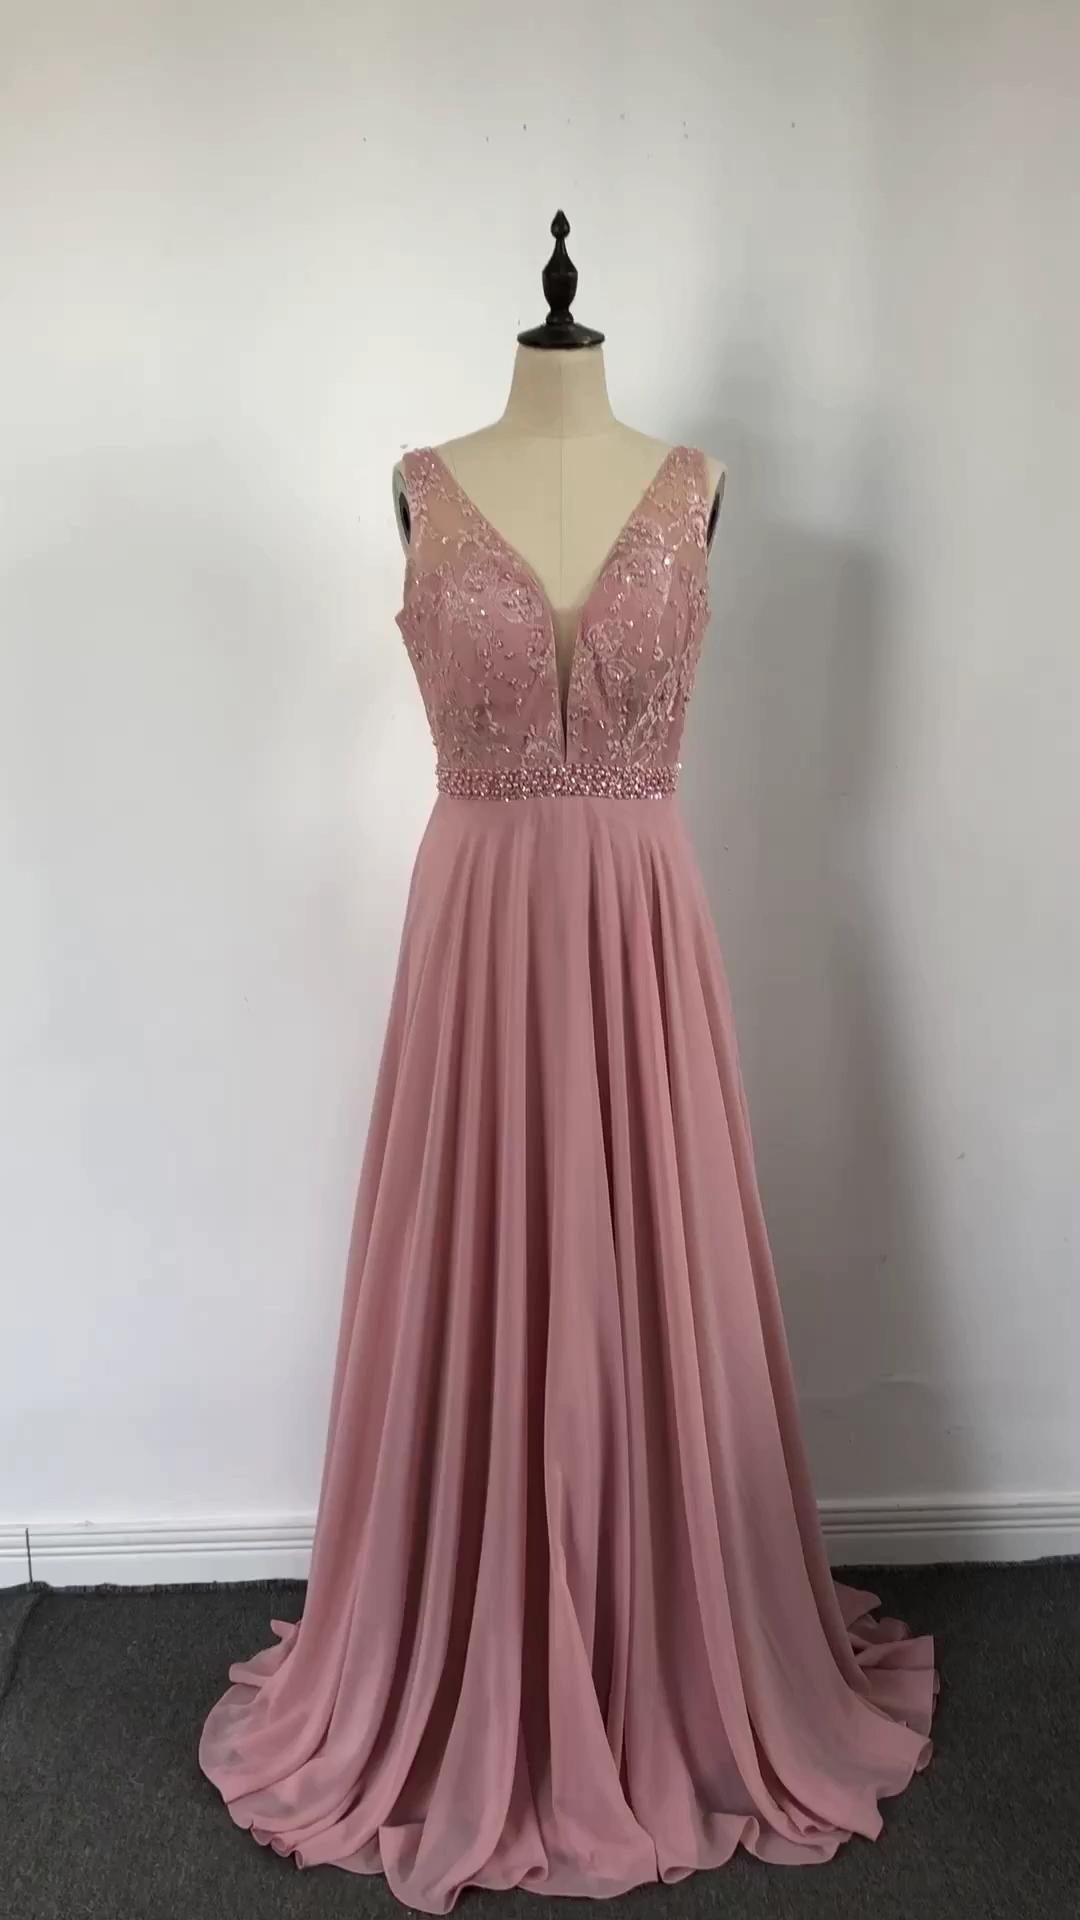 Abendkleid Lang Altrosa Chiffon Mit Perlen Rückenausschnitt [Video] in 10   Hochzeitsgast kleidung, Homecoming kleider, Abendkleid